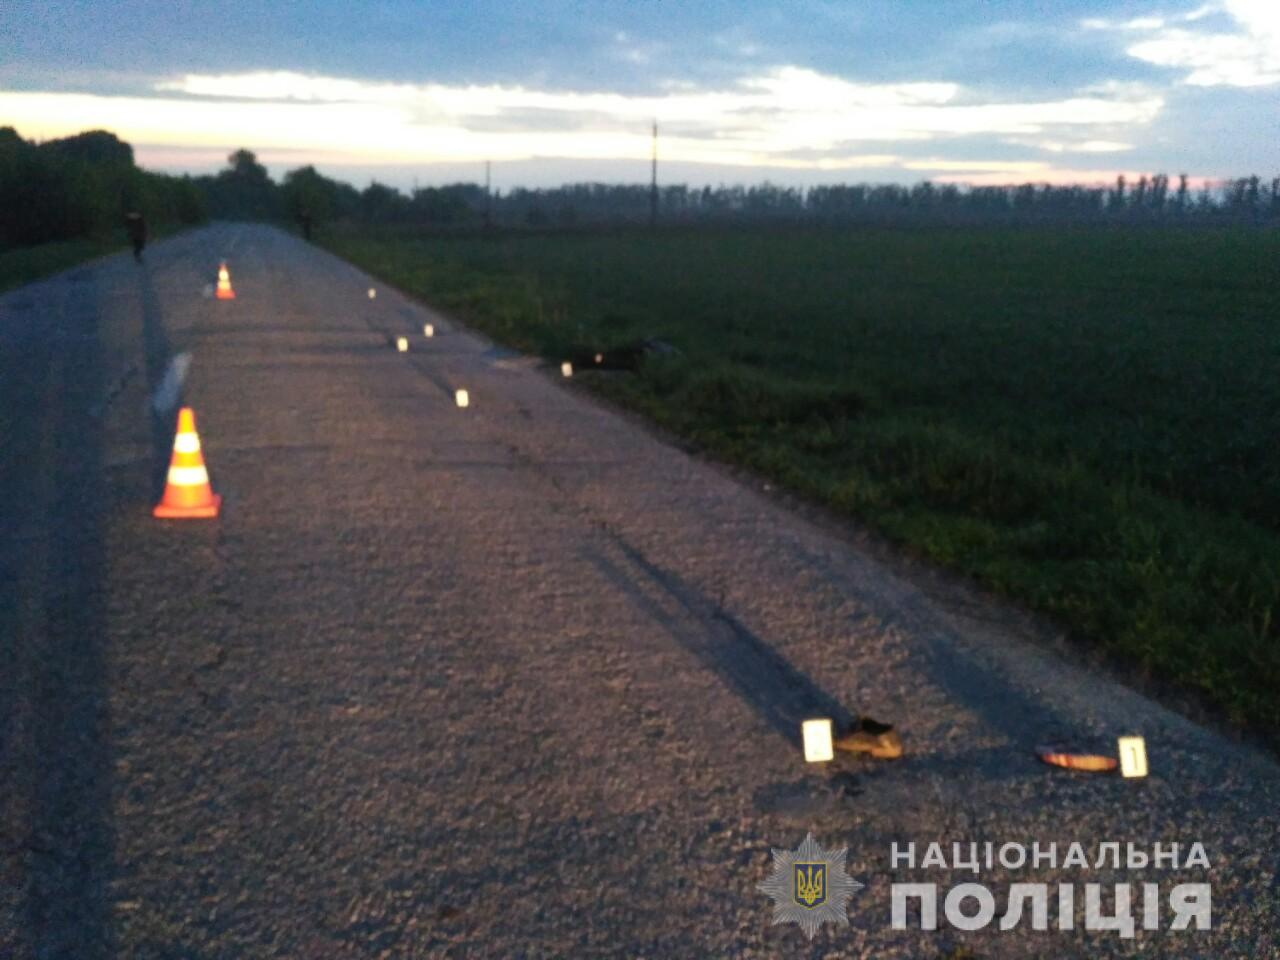 Под Киевом женщина-водитель насмерть переехала пешехода